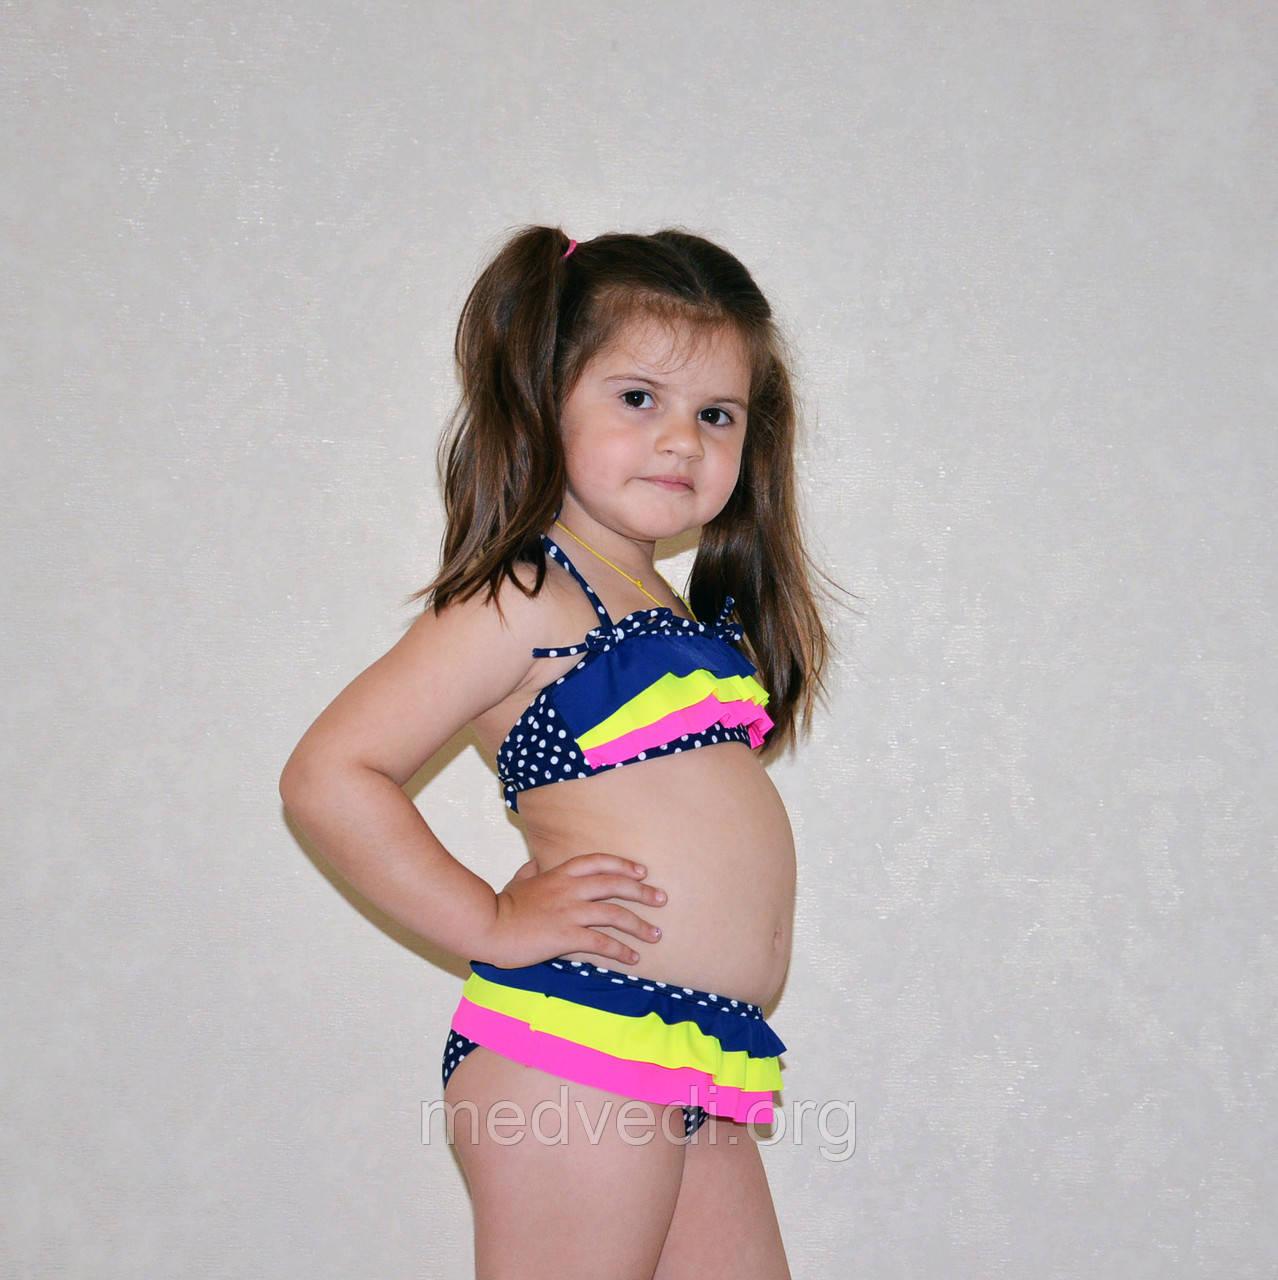 04d34339ffc15 Яркий раздельный детский купальник для девочек, синий, с рюшами, оборкой, в  горох